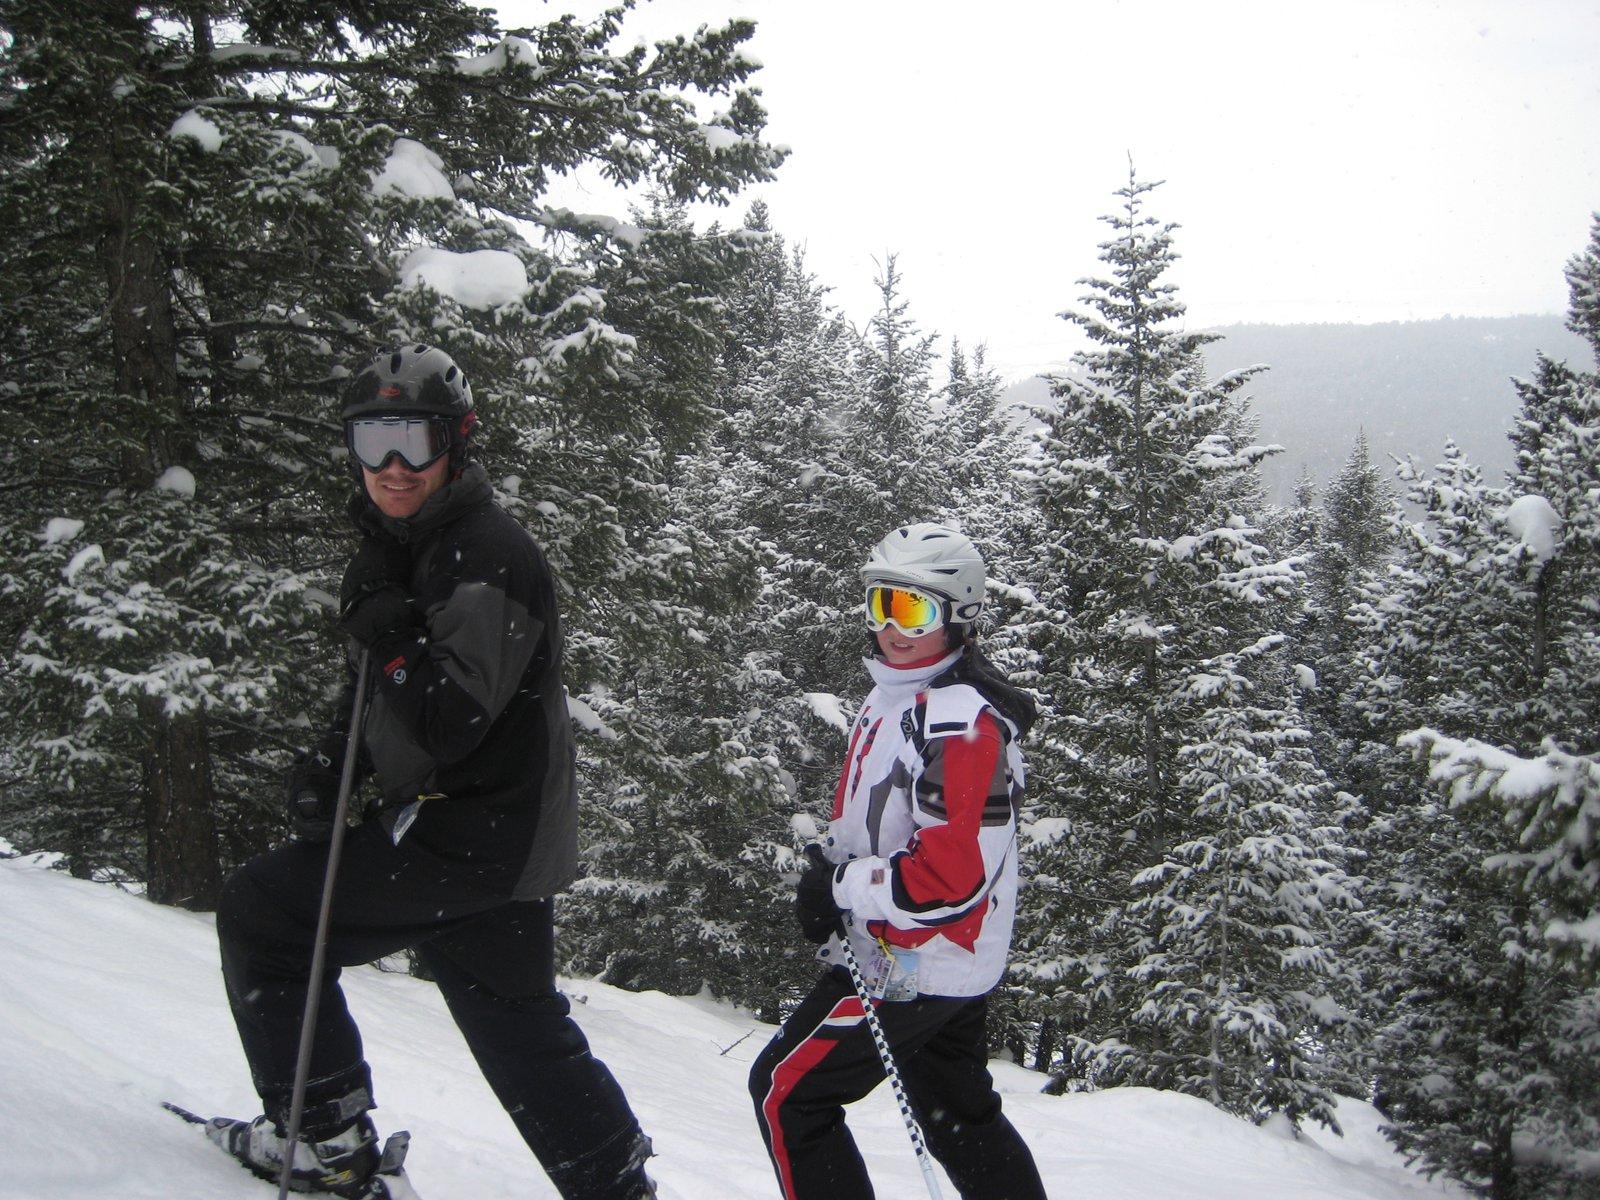 Skiing at Targhee